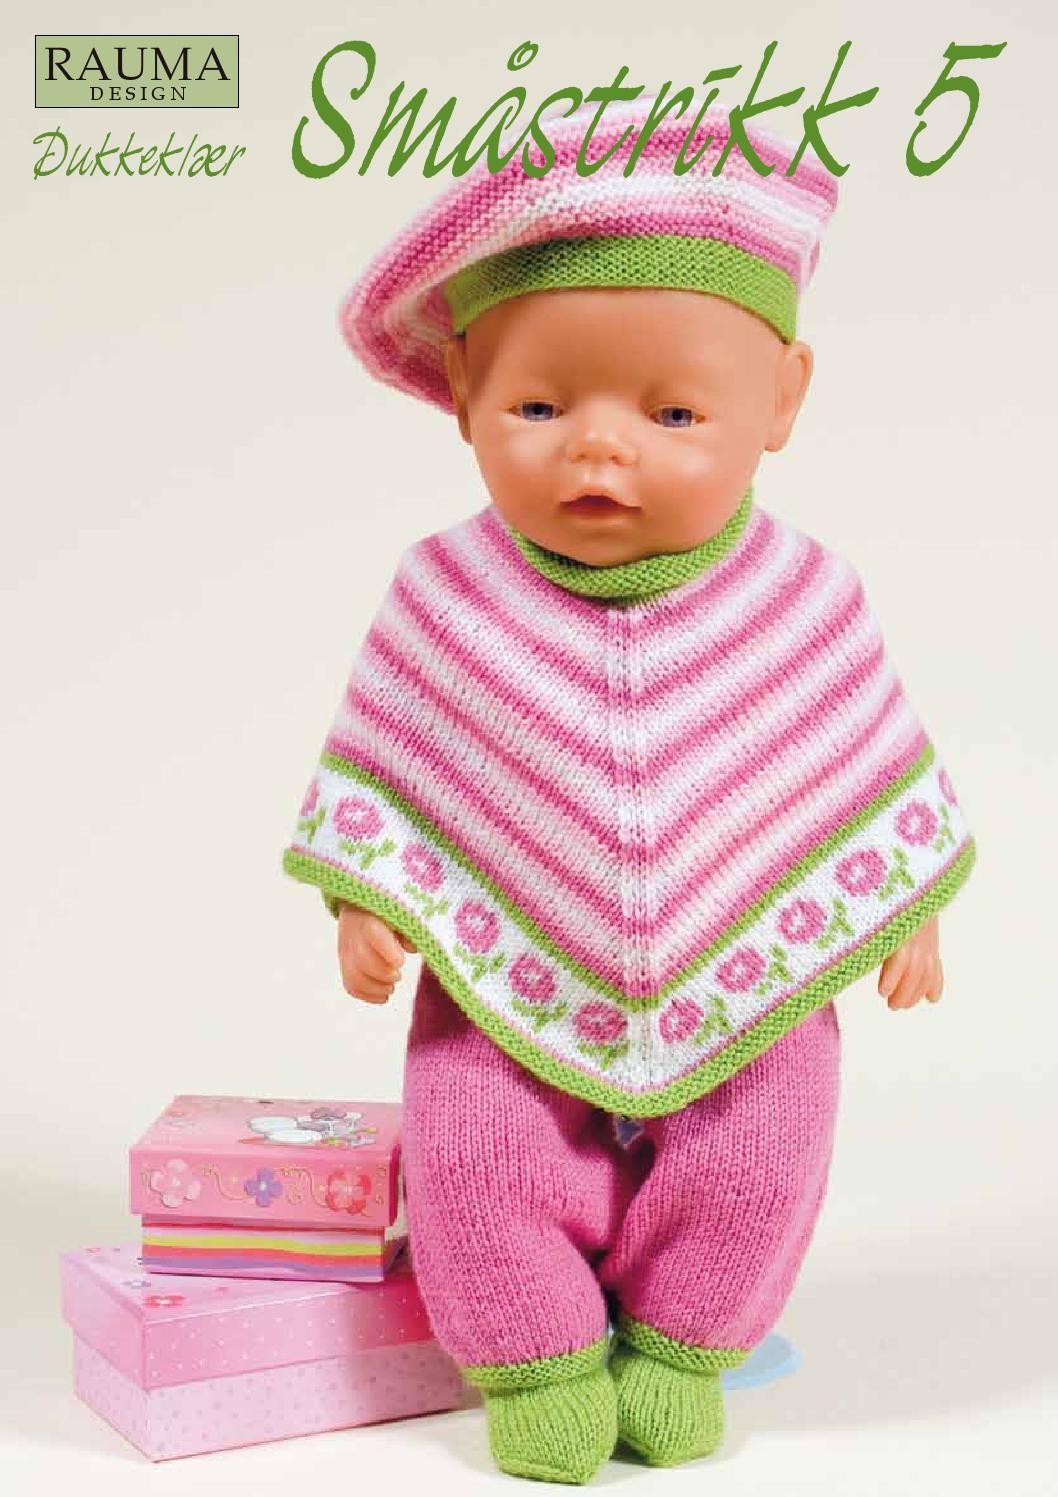 89fbba46 Rauma Småstrikk 5 Dukkeklær   Dolls/American girl stuff   Dukke klær ...